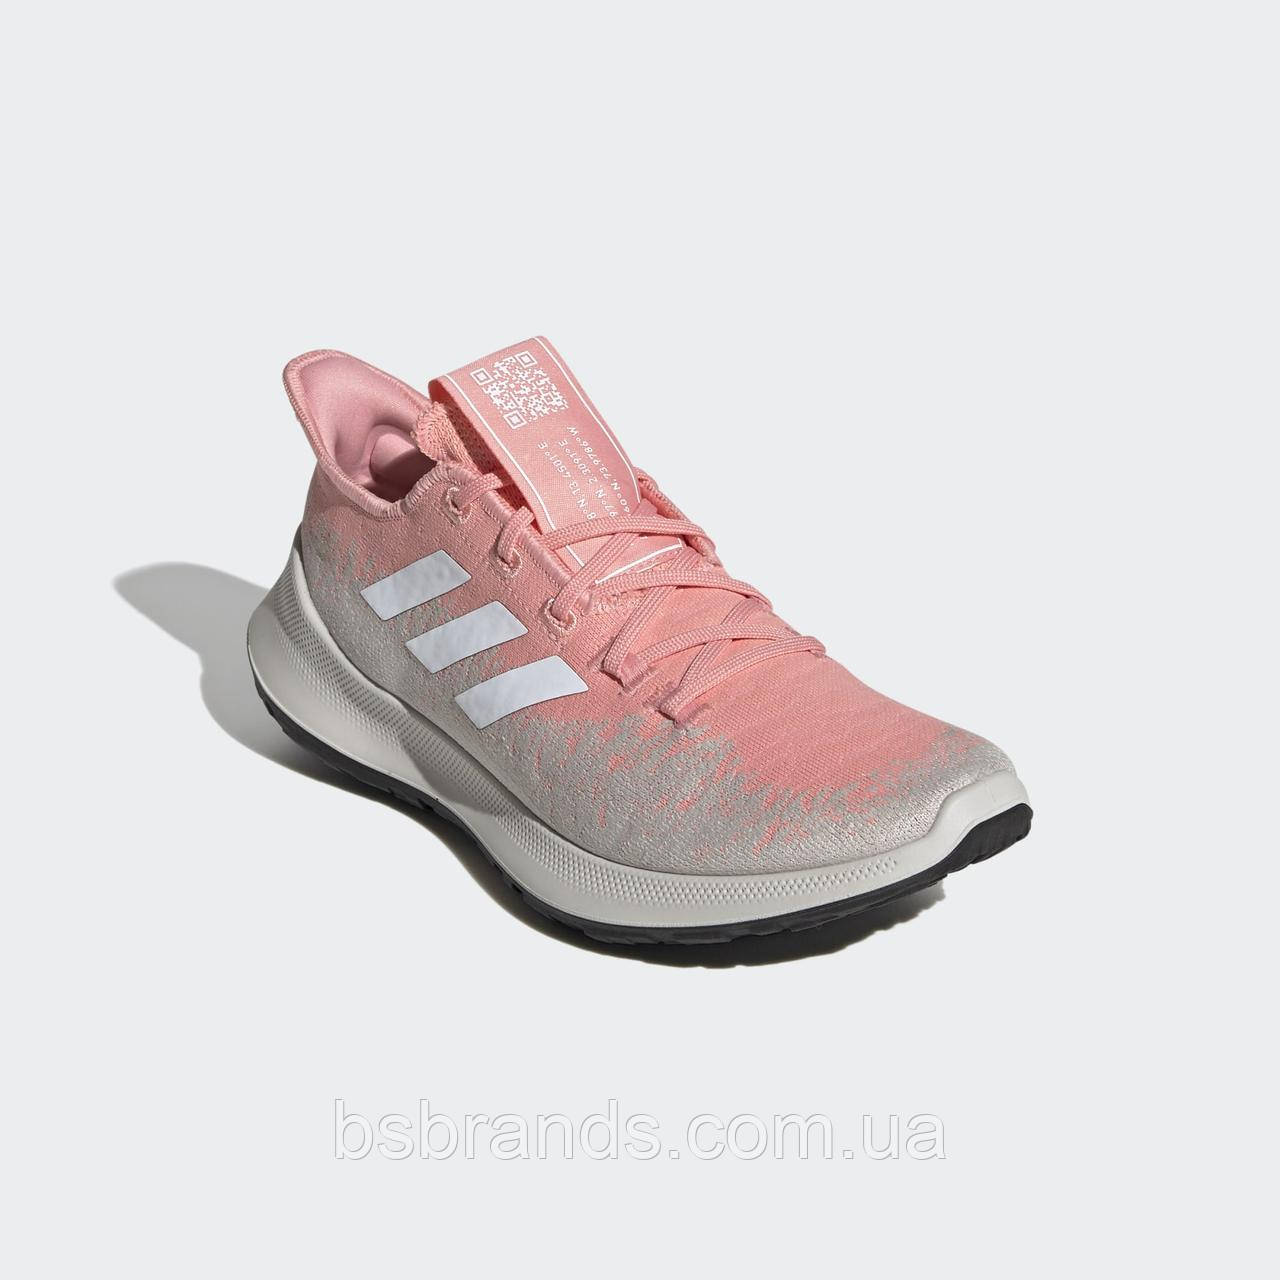 Жіночі кросівки для бігу adidas Sensebounce+ EF0524